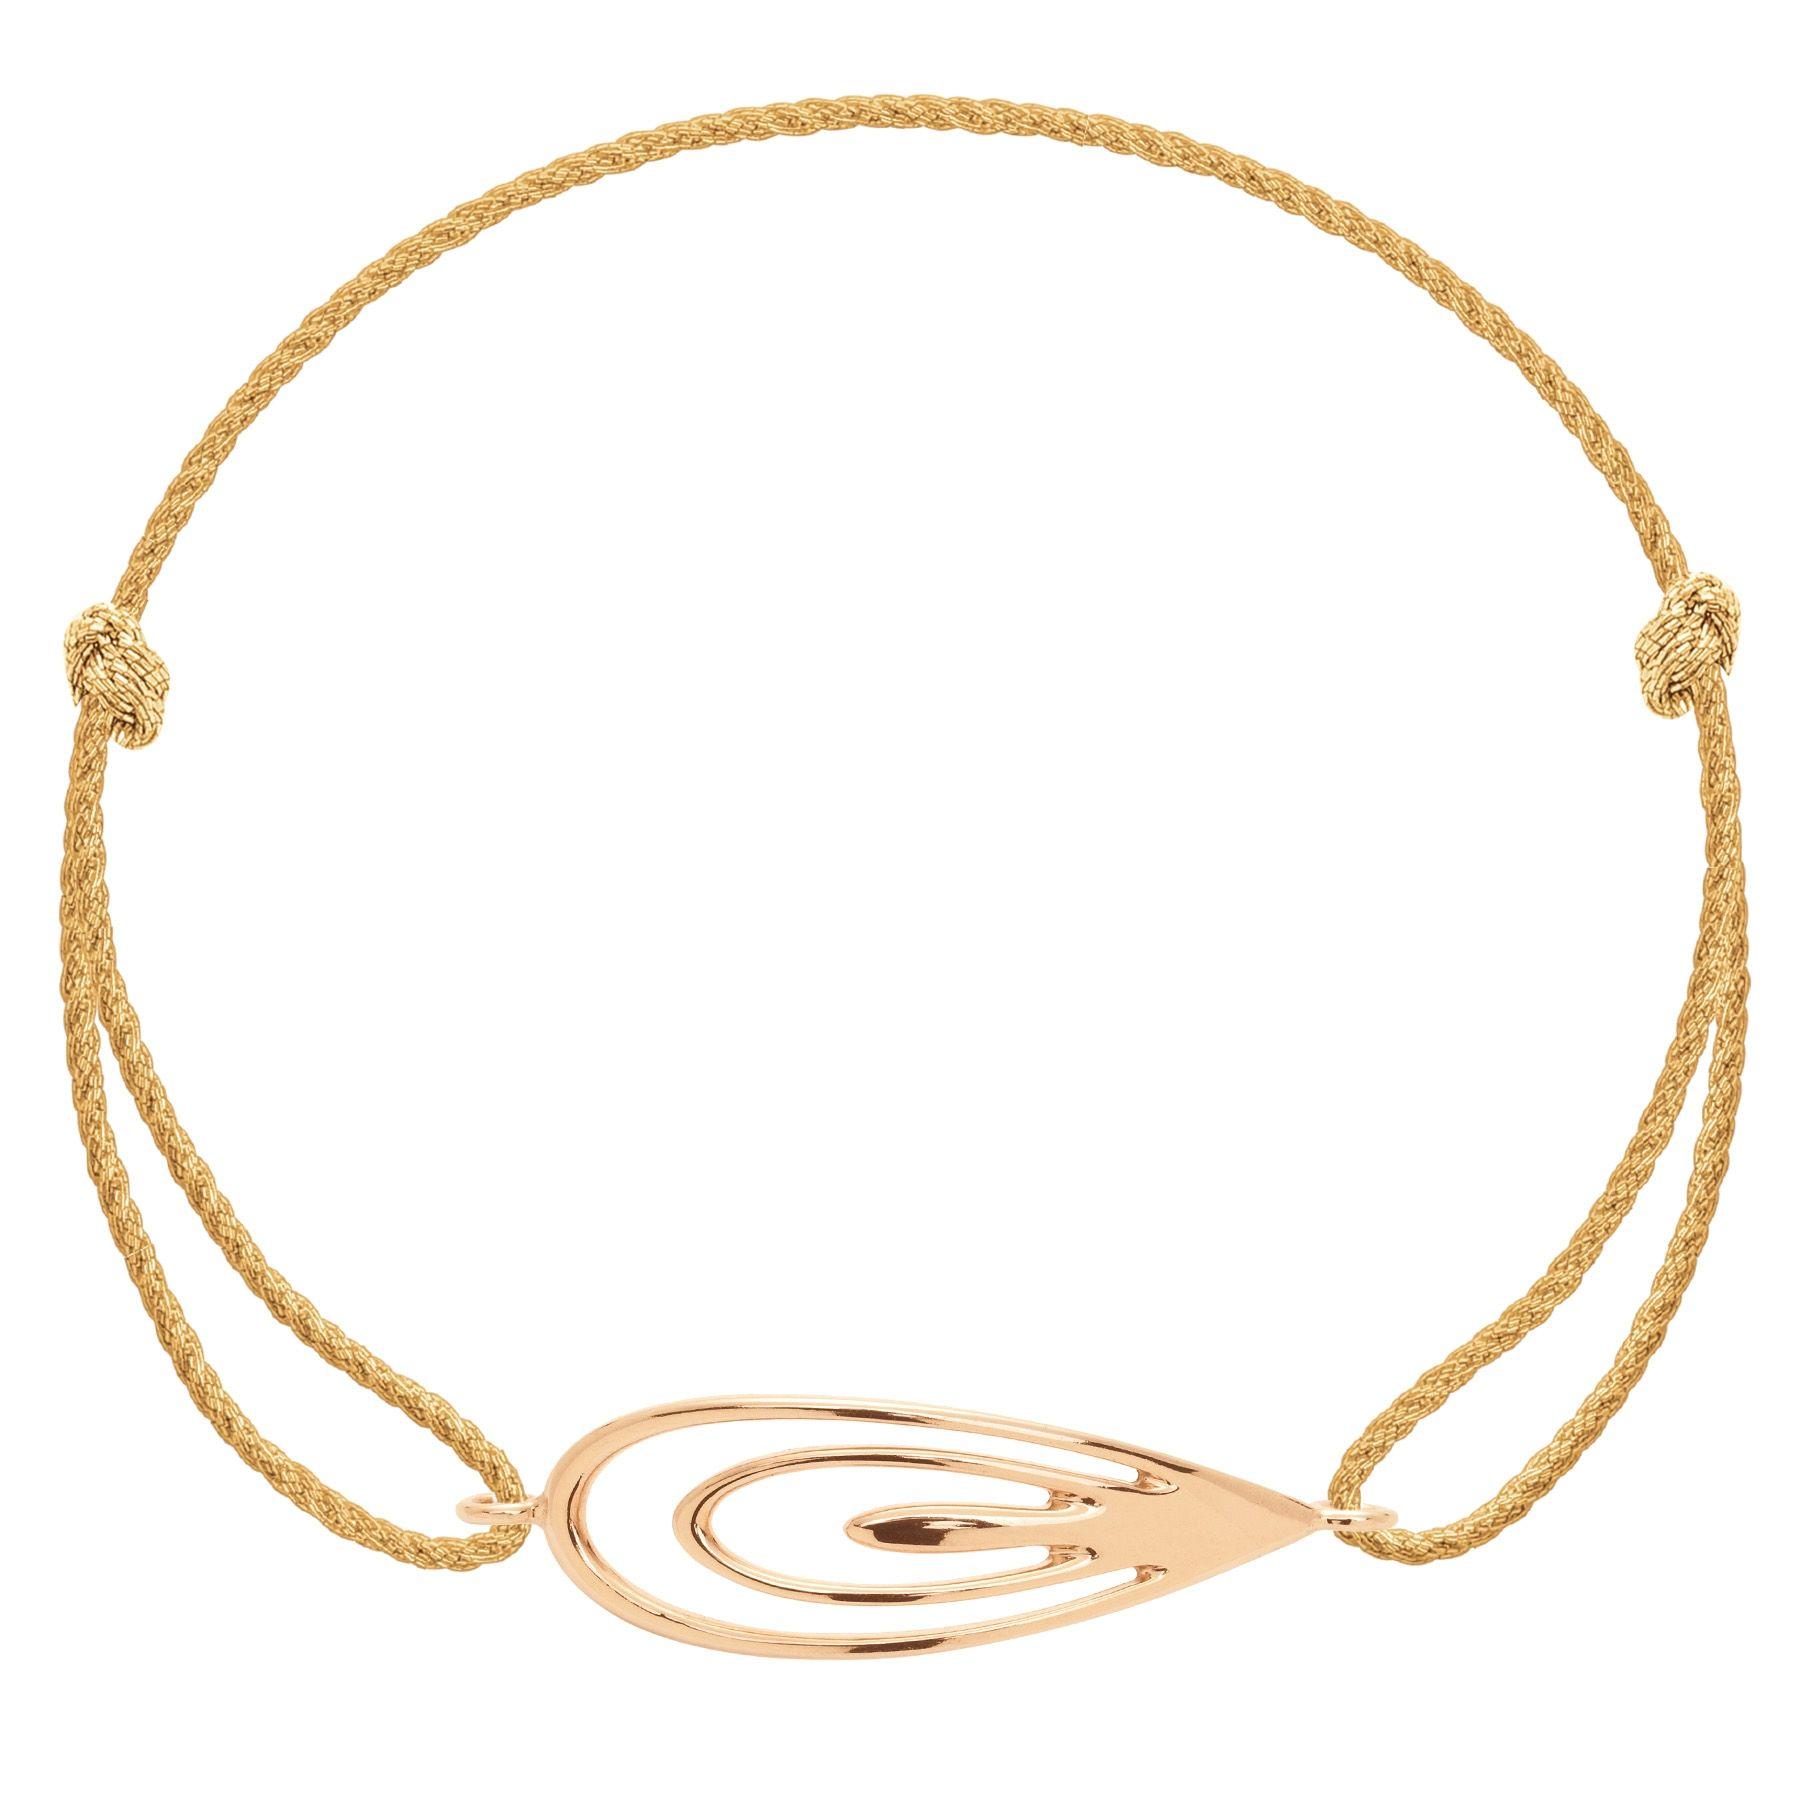 Bransoletka z pozłacanym Pawiem na grubym złotym sznurku premium